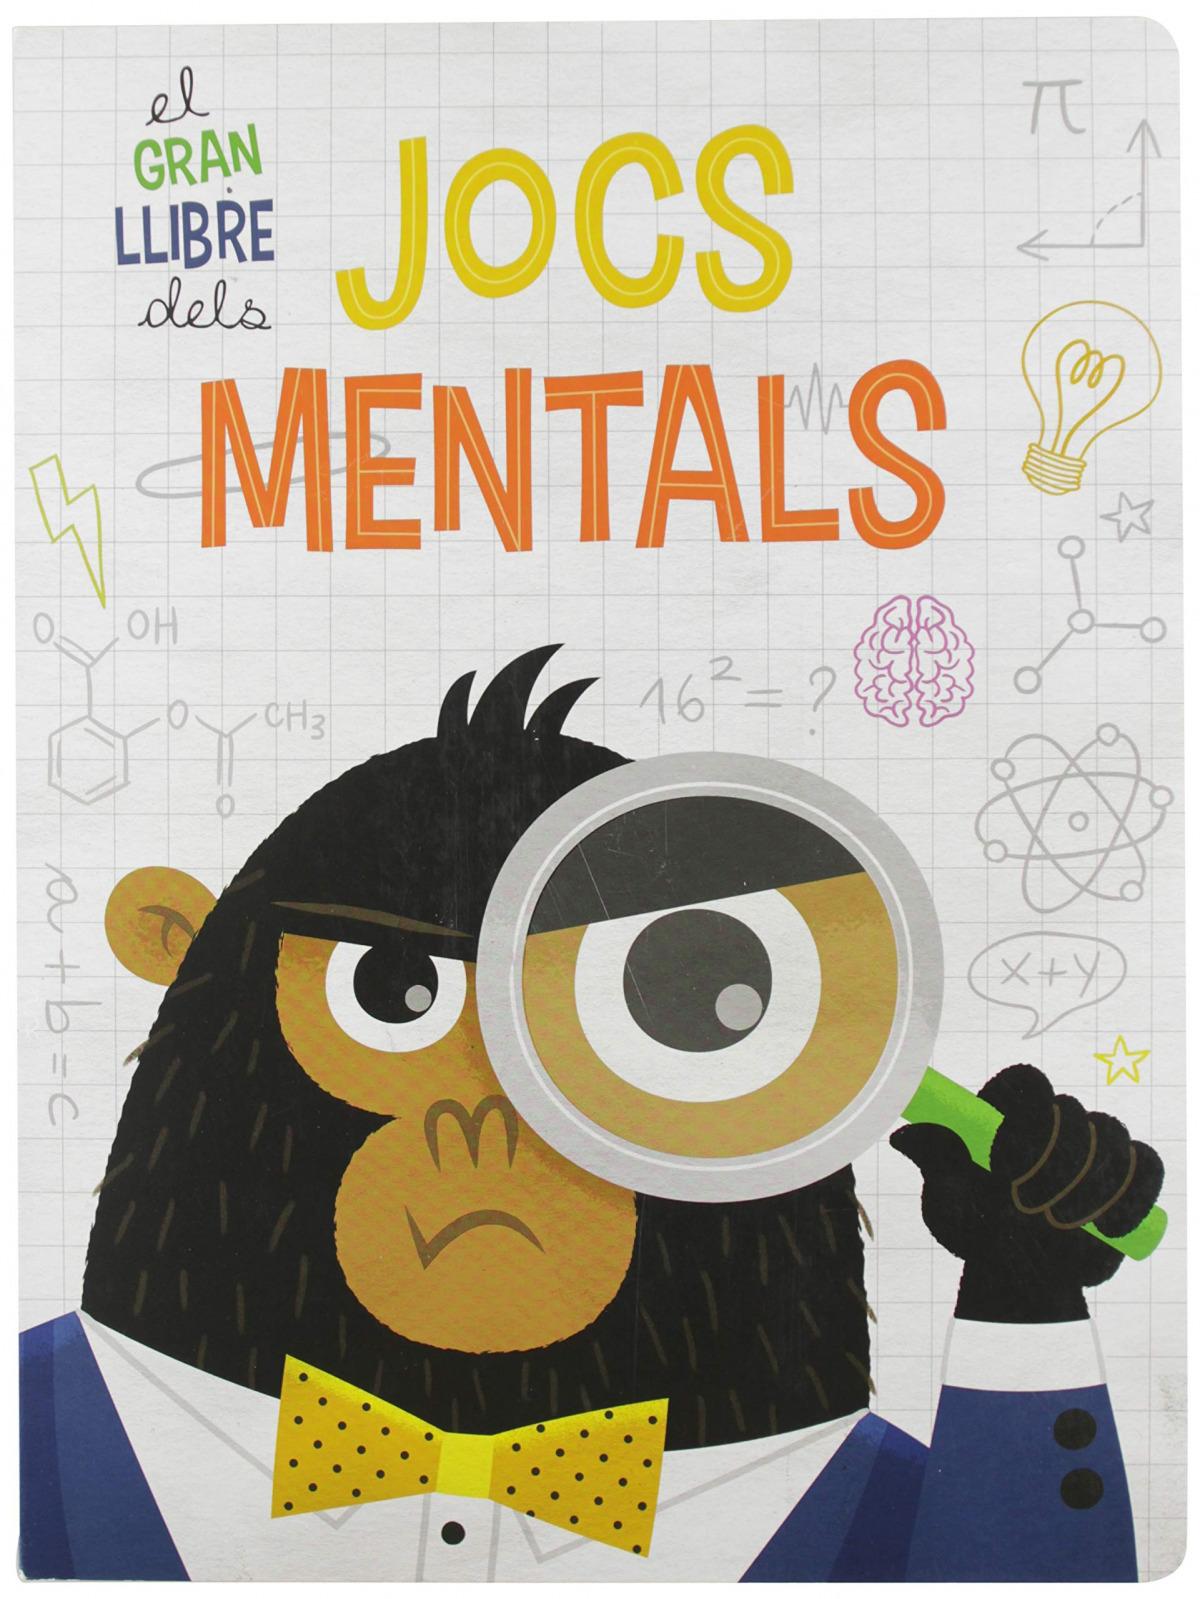 EL GRAN LLIBRE DELS JOCS MENTALS (VVKIDS)